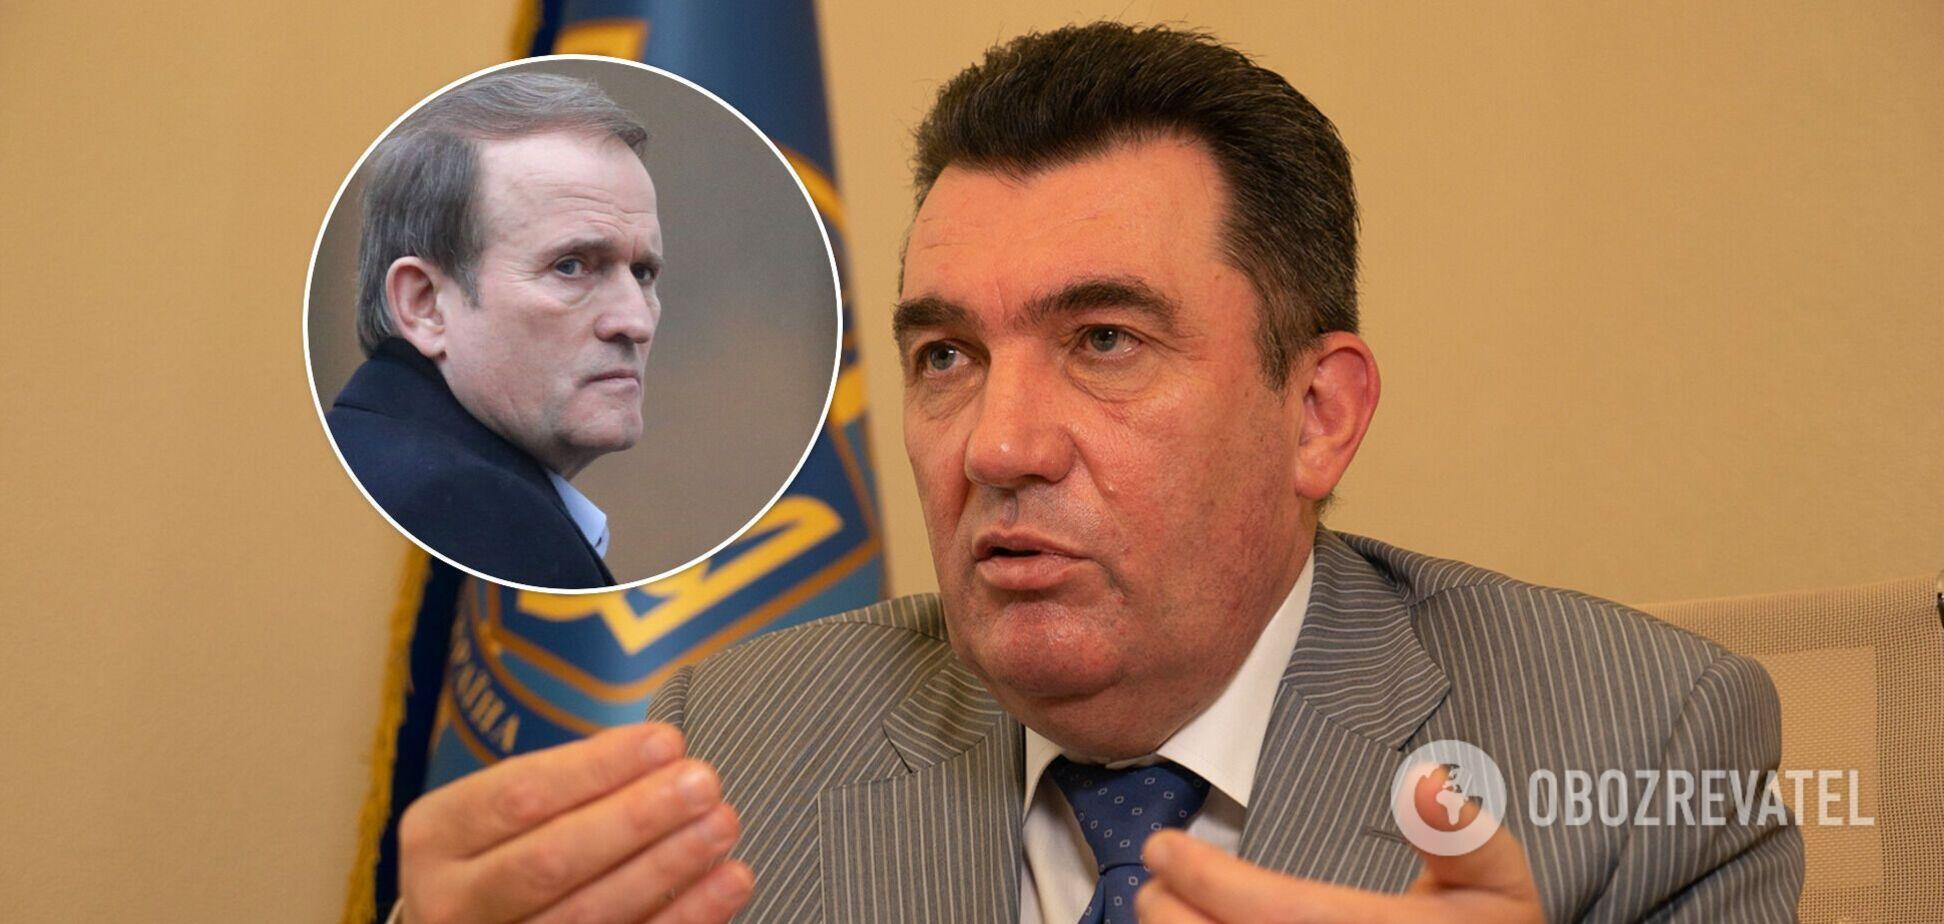 Данилов рассказал, сколько длилась подготовка санкций против Медведчука